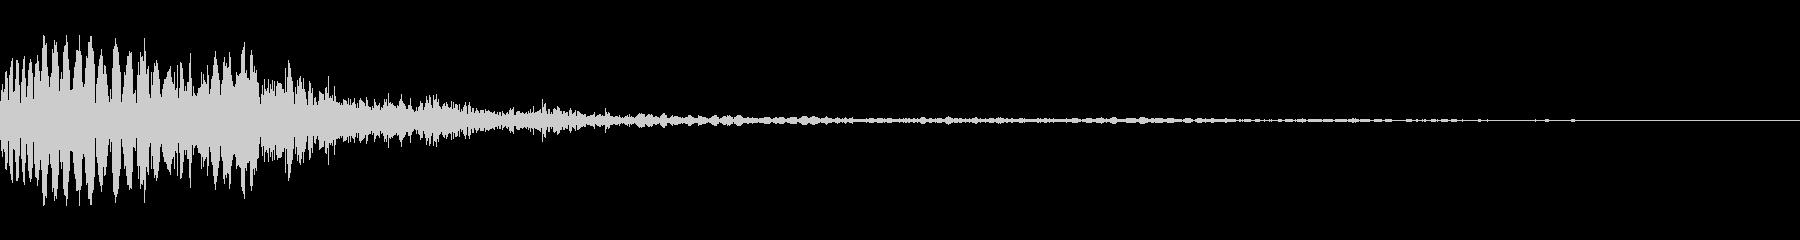 ダメージ音.01の未再生の波形